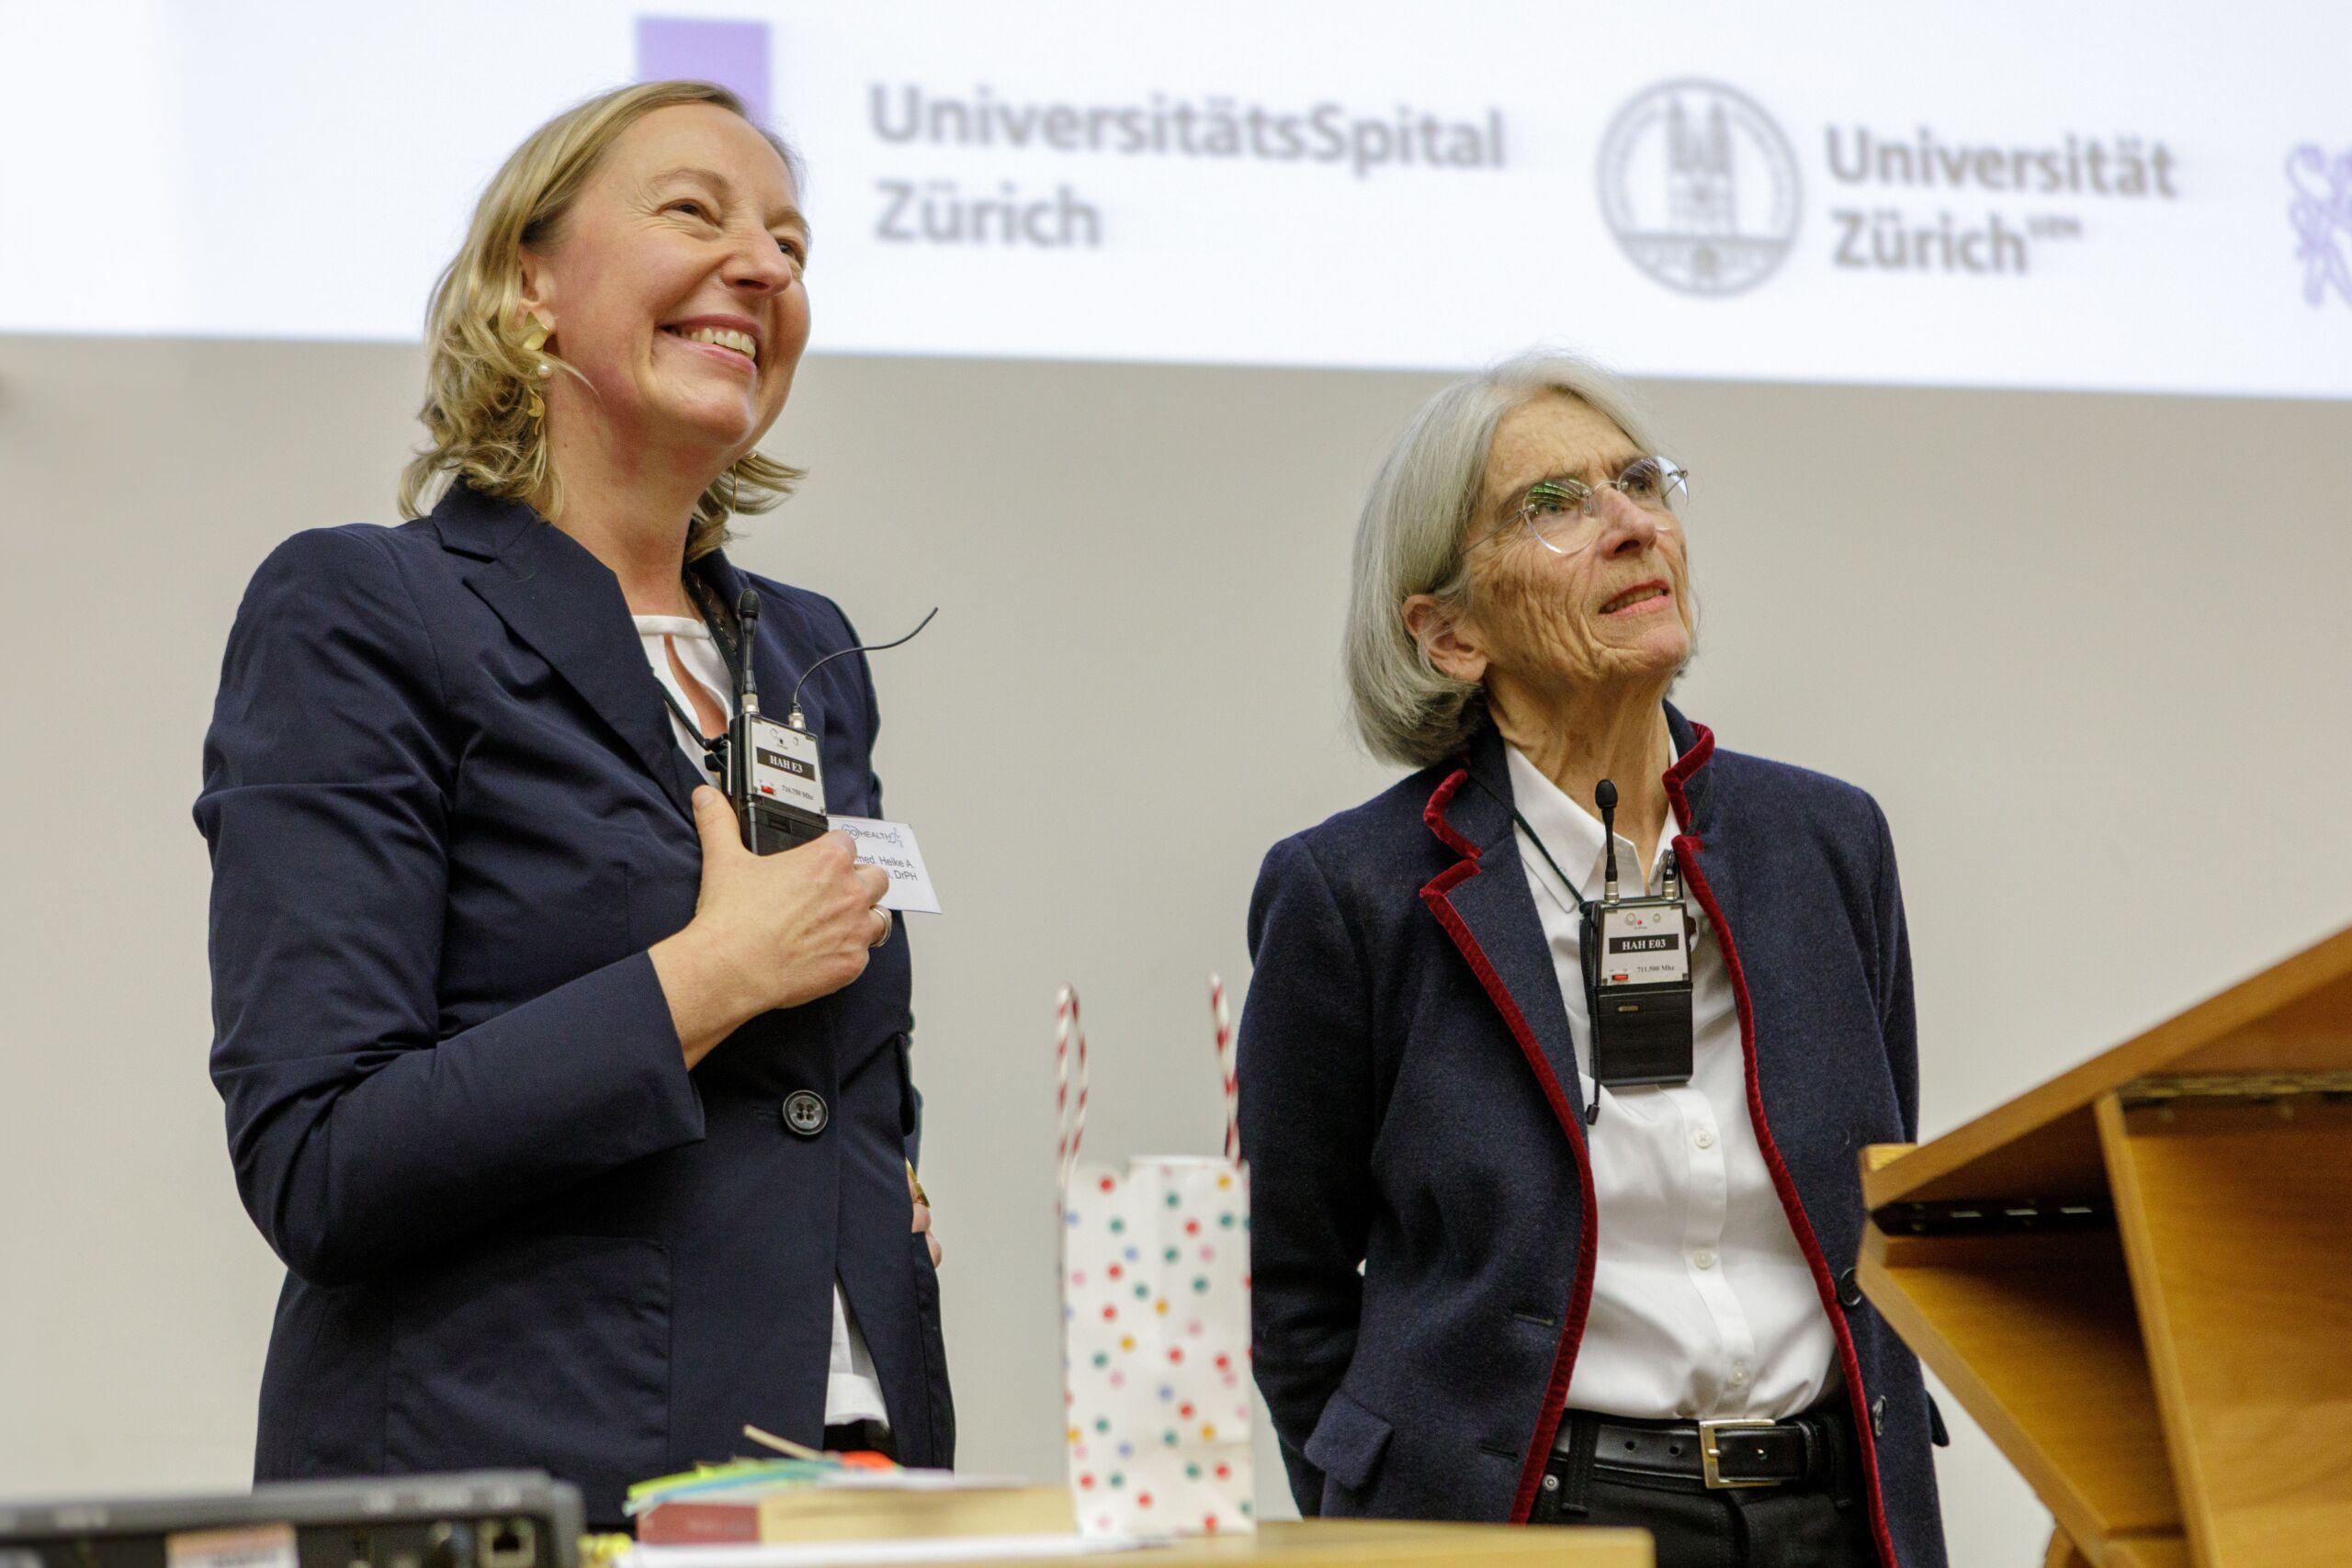 Zwei Frauen lächeln ins Publikum von der Bühne aus.